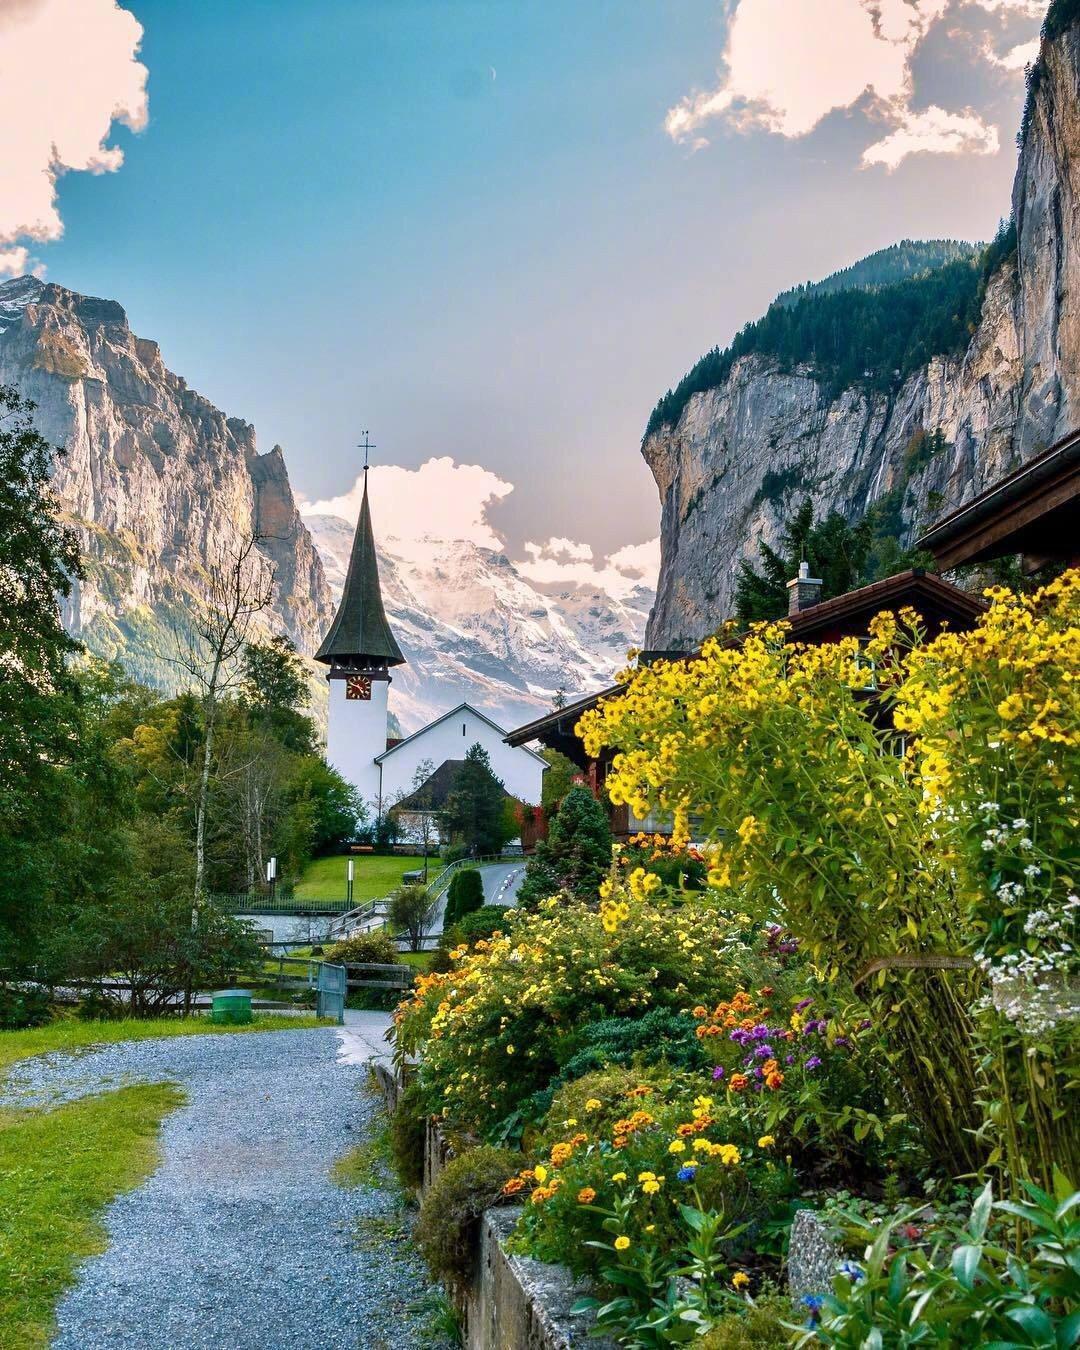 好看的风景图片 宁静唯美的瑞士小镇背景图